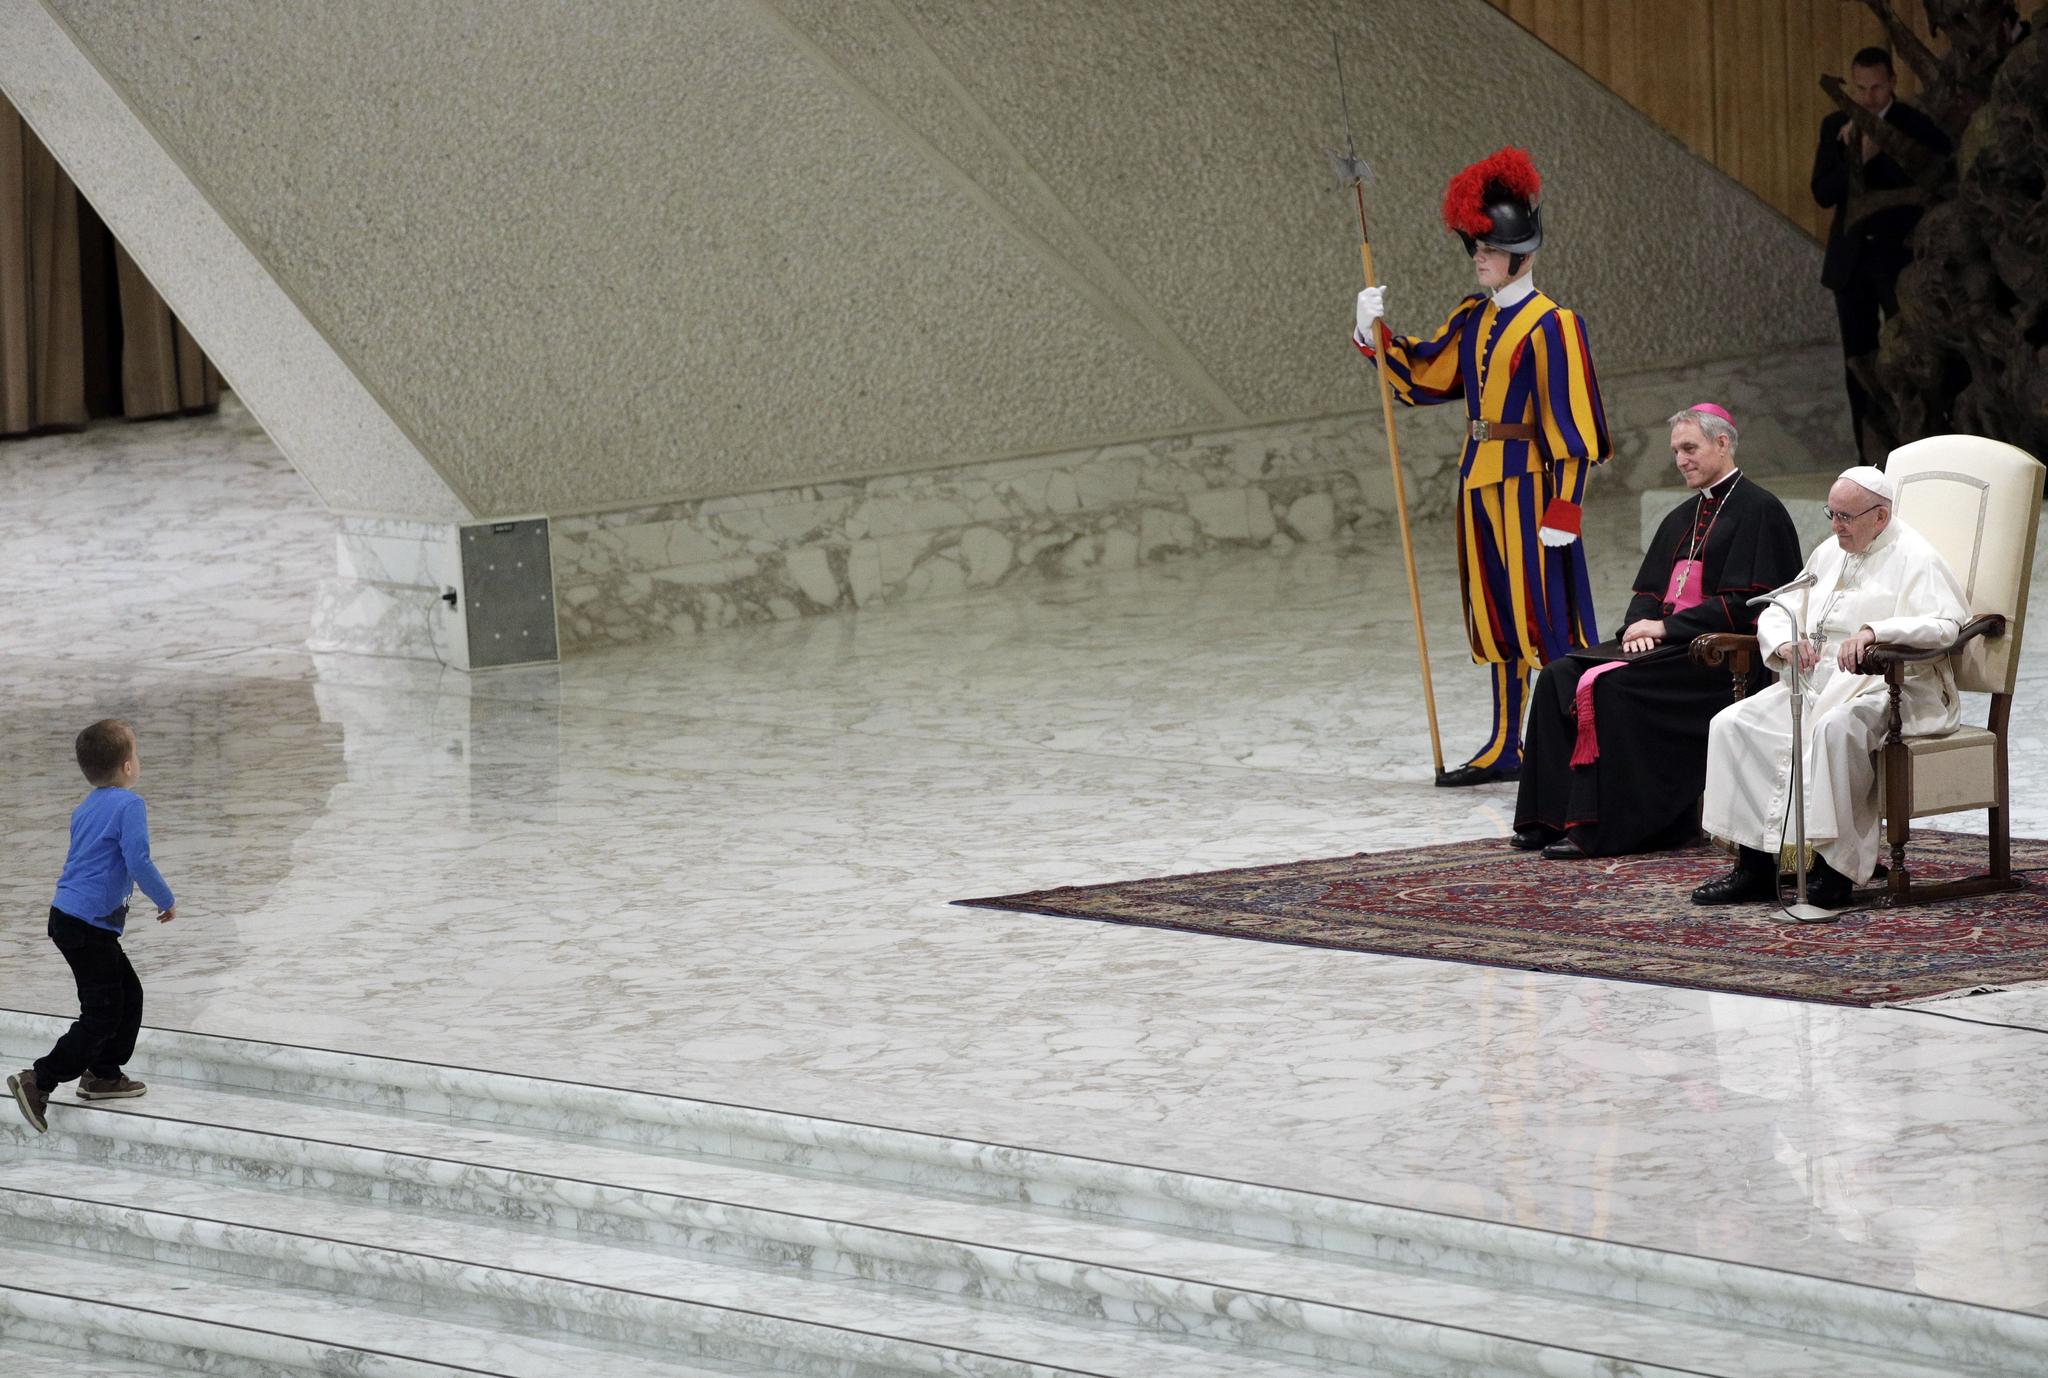 한 아이가 28일(현지시간) 바티칸 바오로 6세 홀에서 열린 수요 일반알현에서 프란치스코 교황이 앉아 있는 단상으로 올라가고 있다. [AP=연합뉴스]